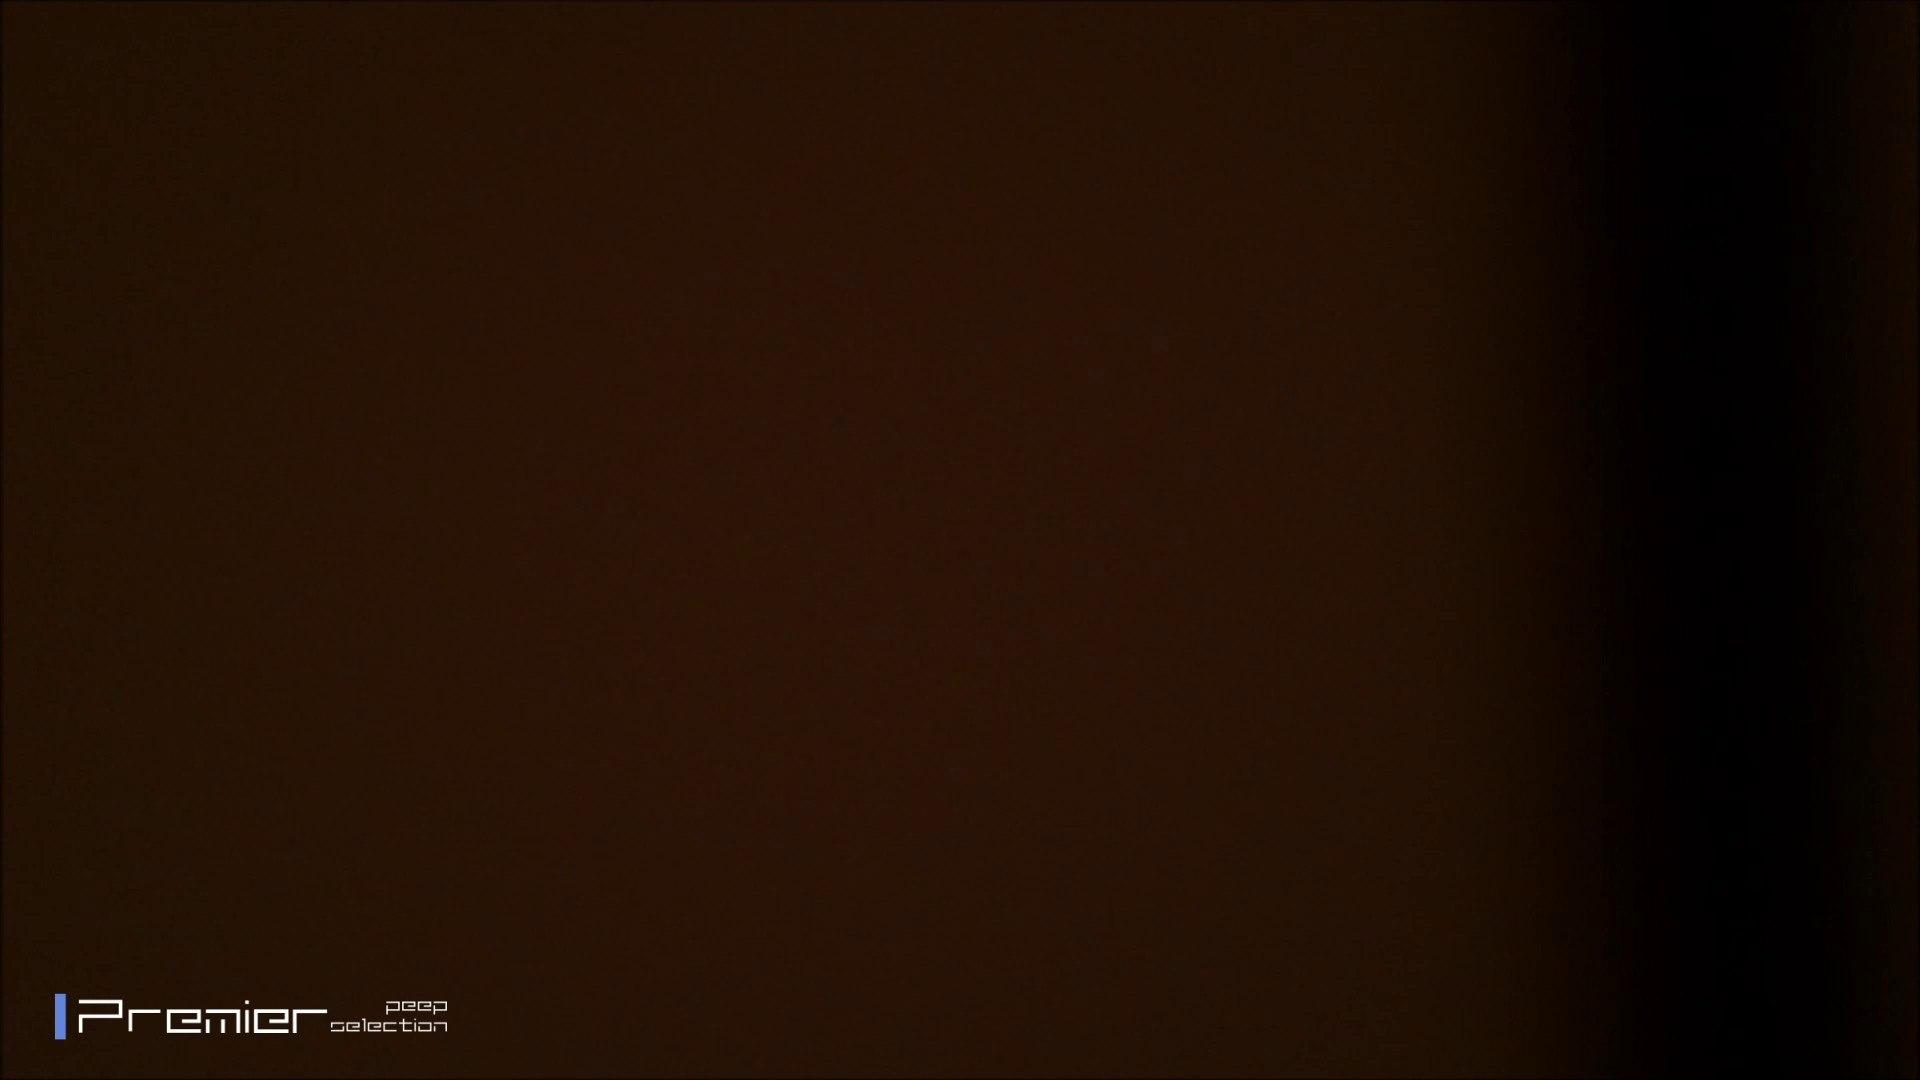 色白美乳女良の入浴 乙女の風呂場 Vol.02 入浴 盗撮 52PIX 7